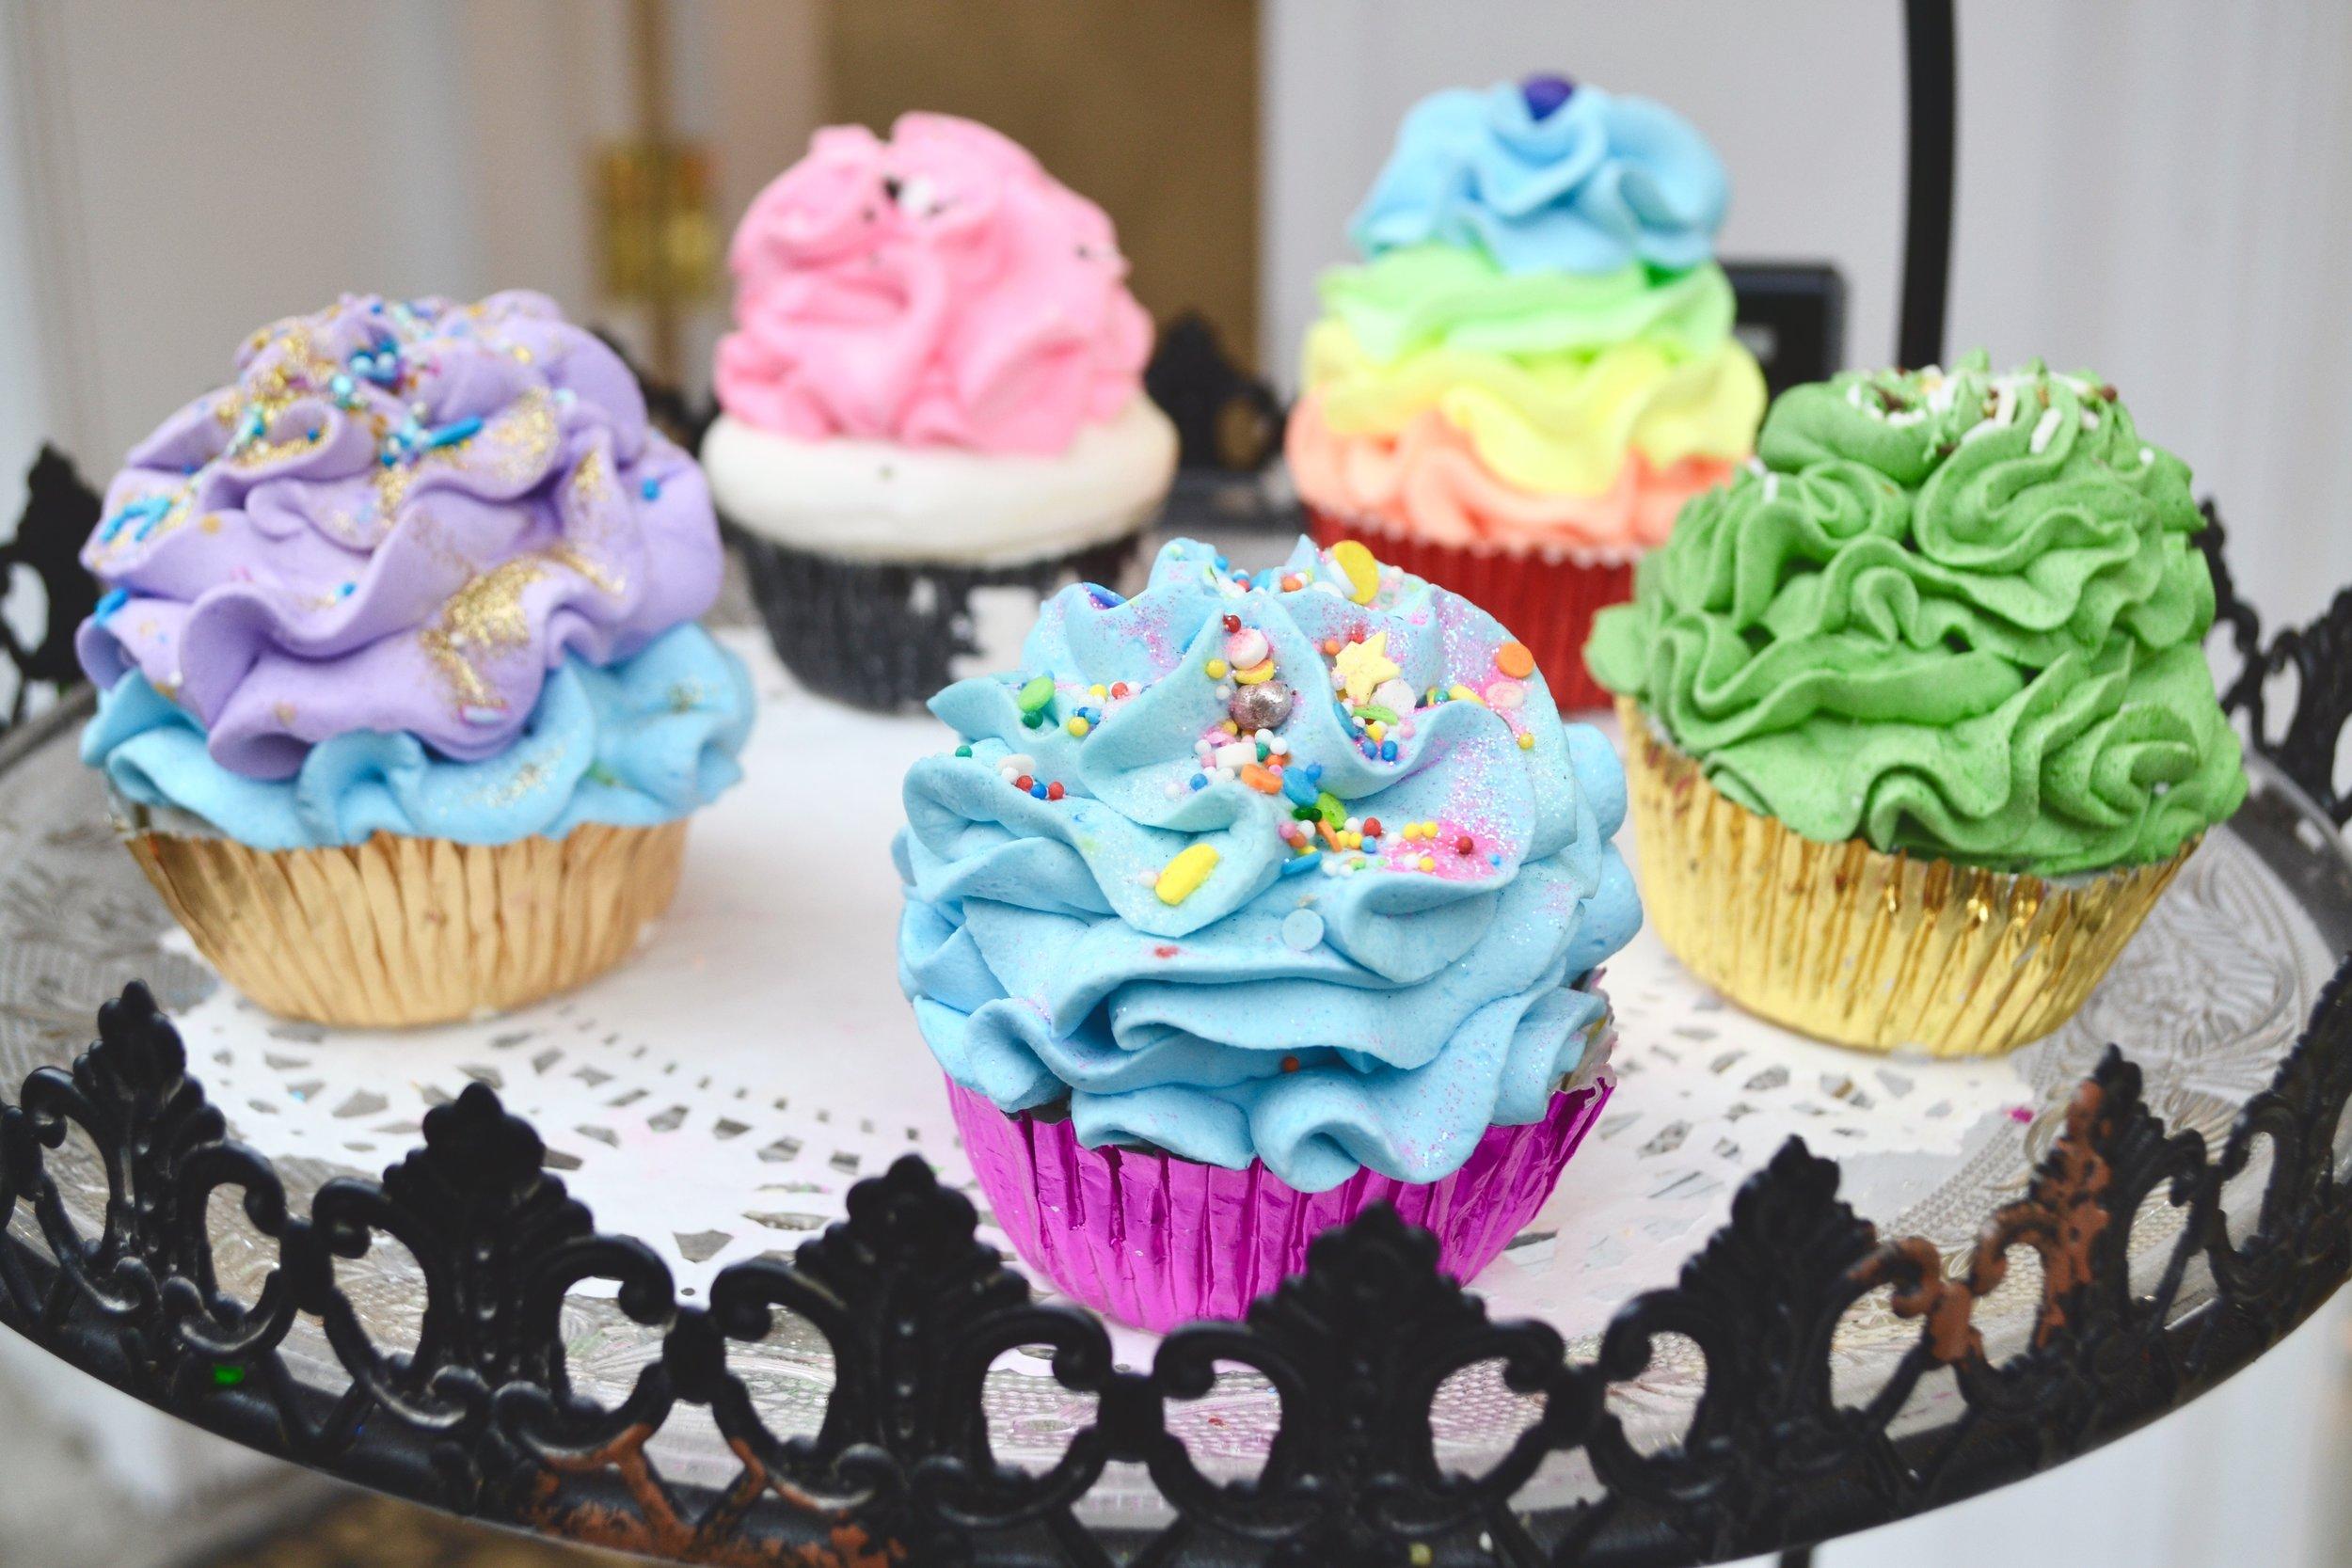 Bath-bombs shaped like cupcakes from  Ariana' s in SoHo.